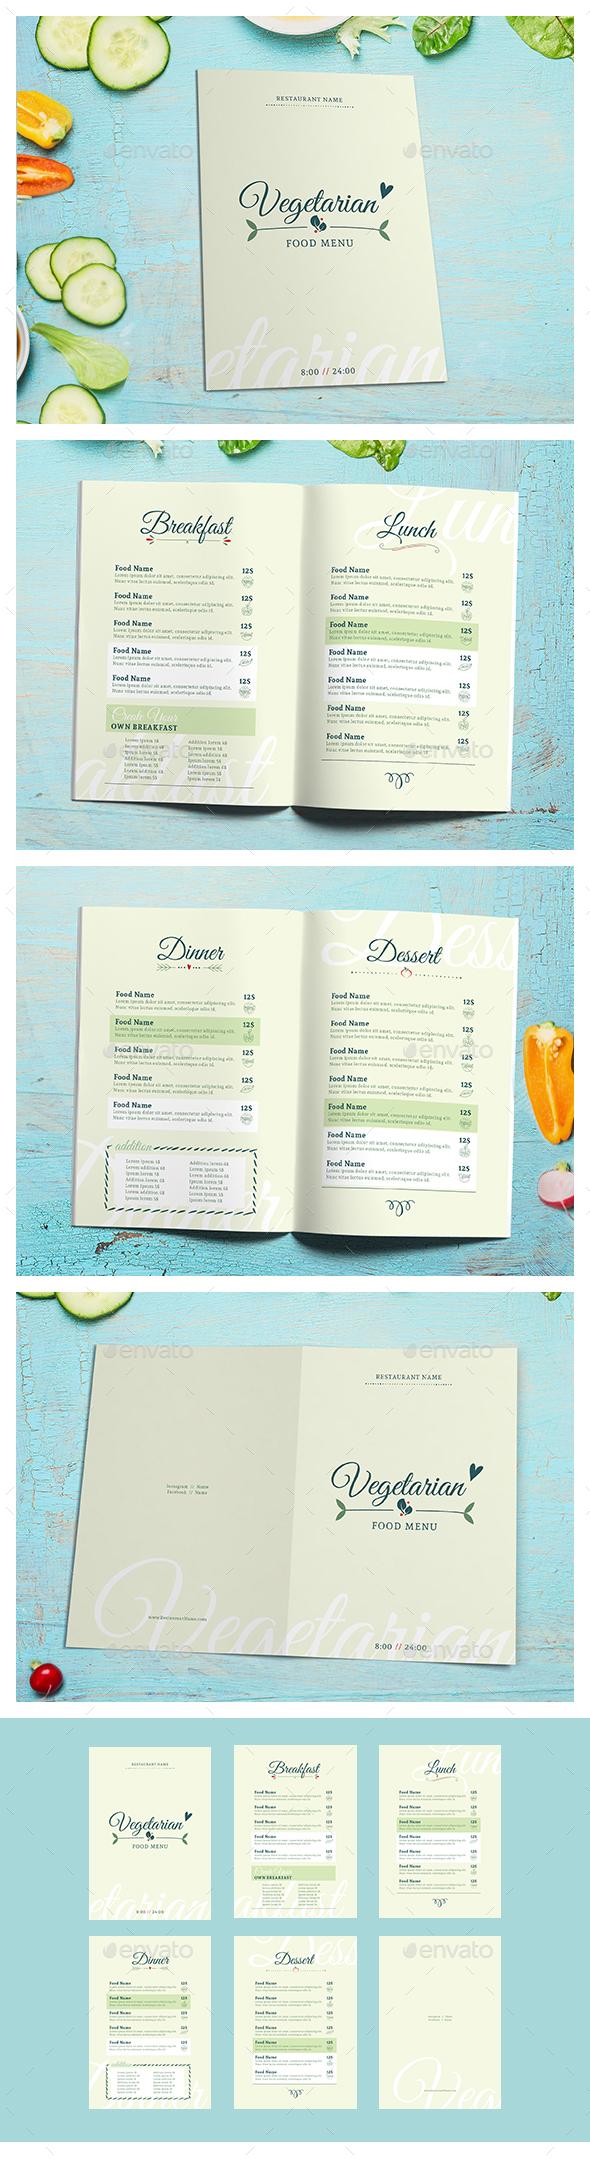 Vegetarian Food menu II - Food Menus Print Templates